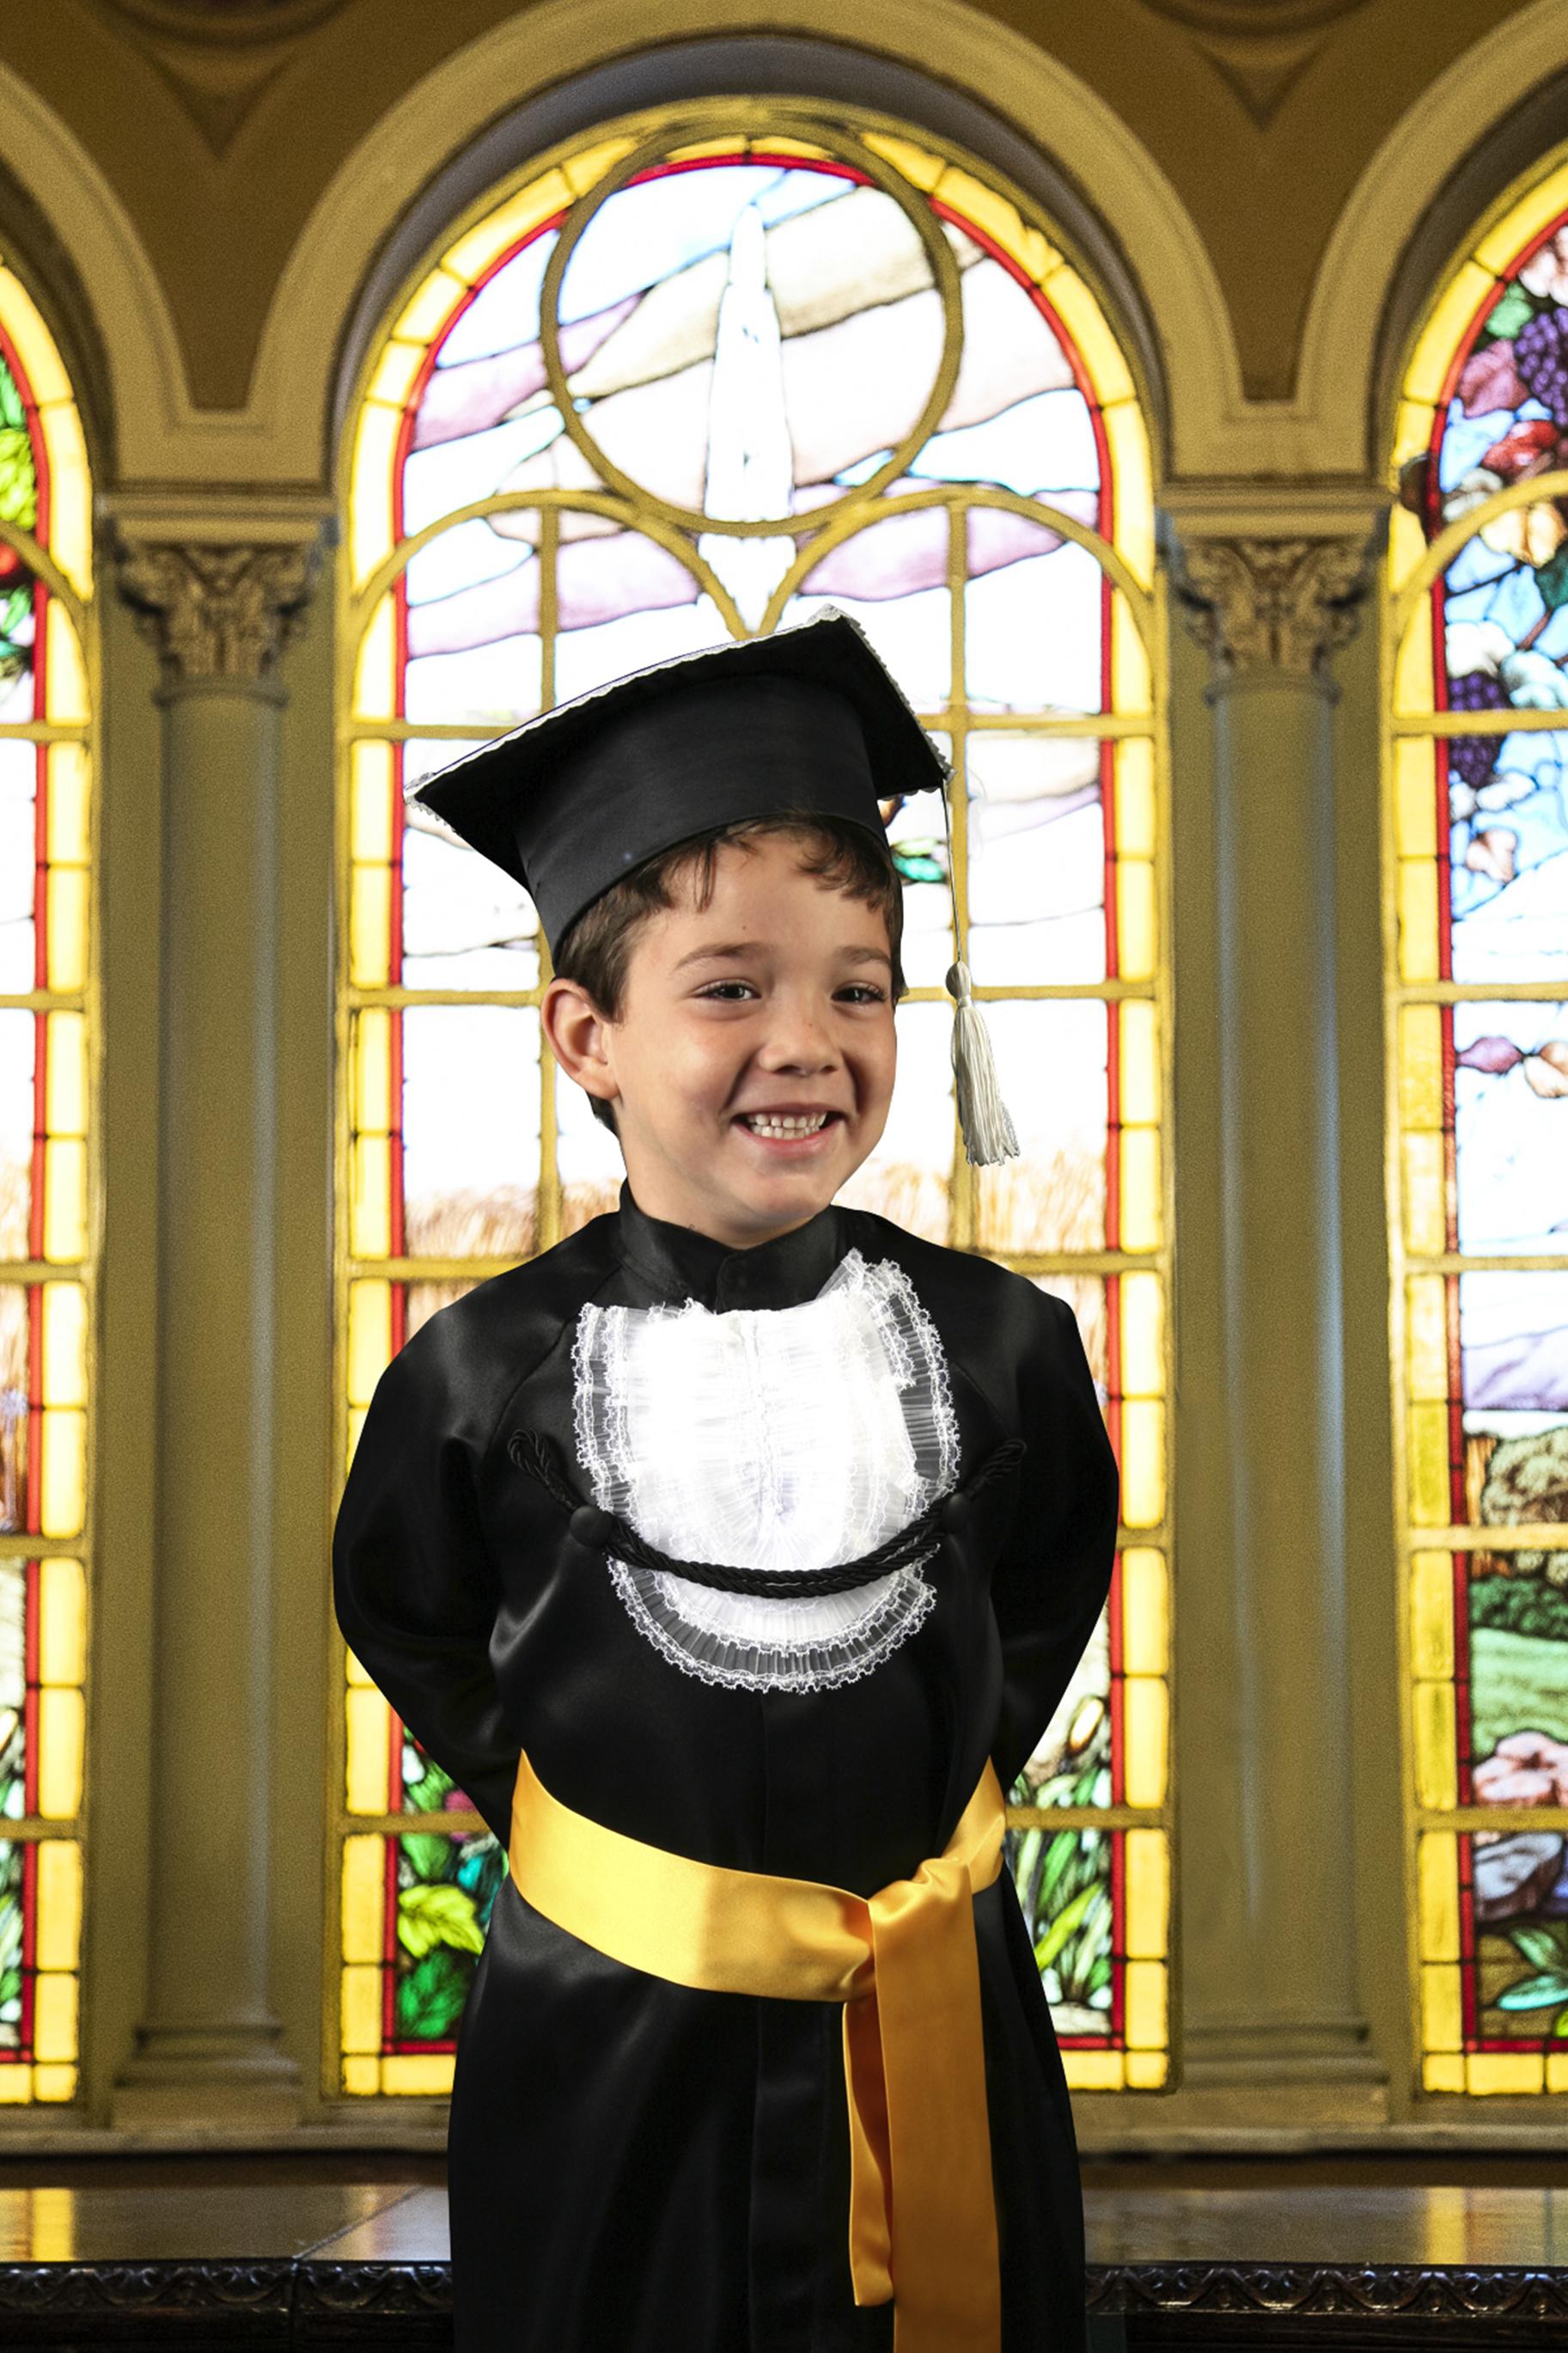 9 - beca infantil preta com faixa colorida e capelo